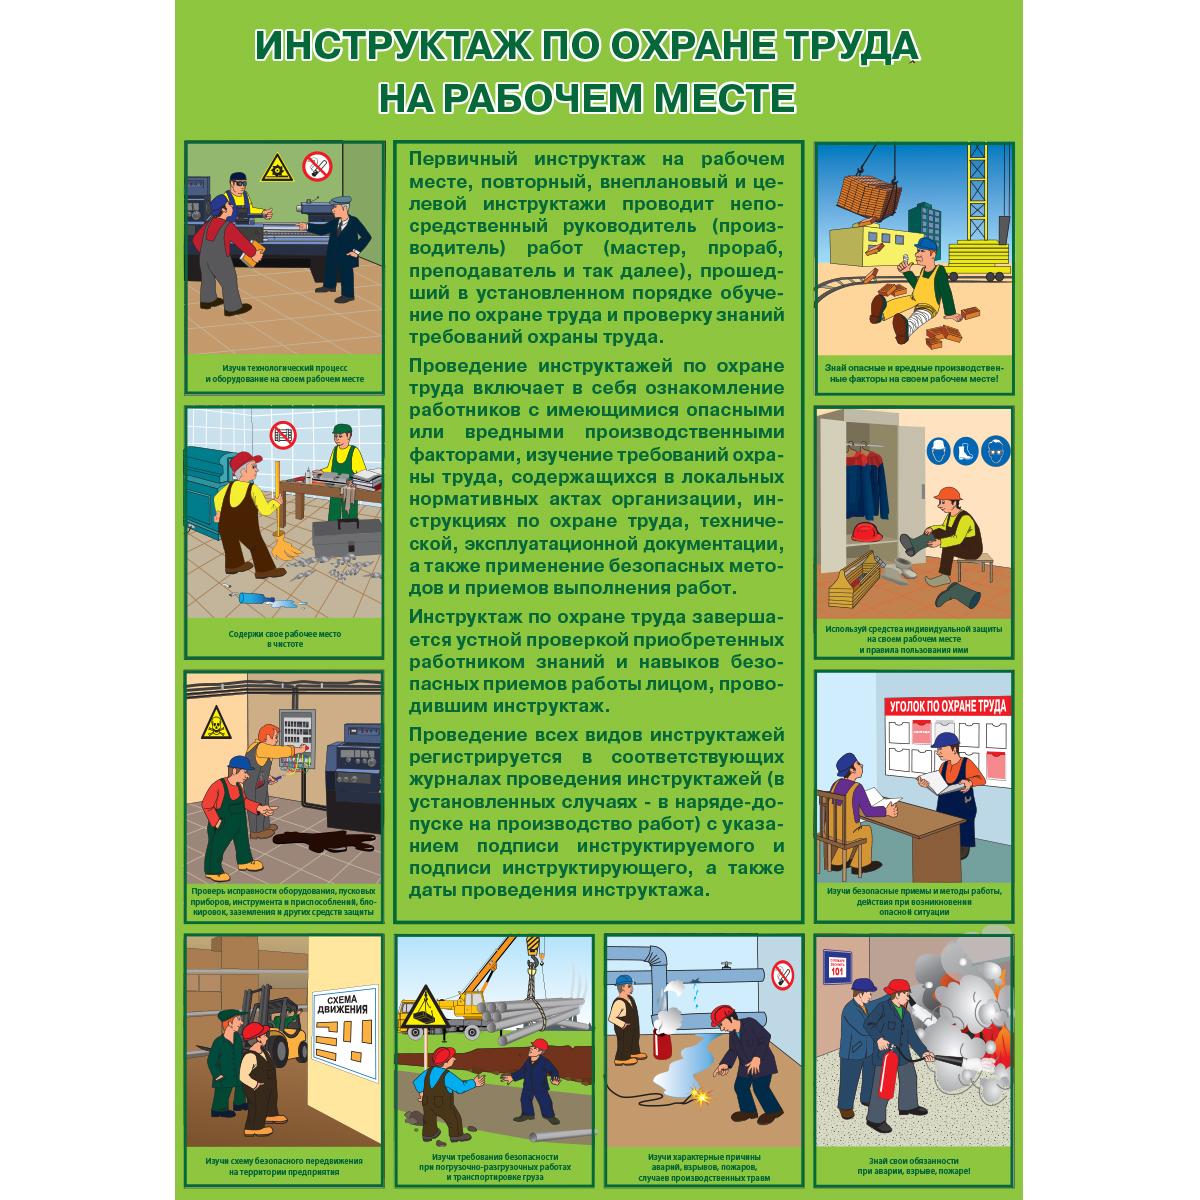 инструкция по охране труда слесаря